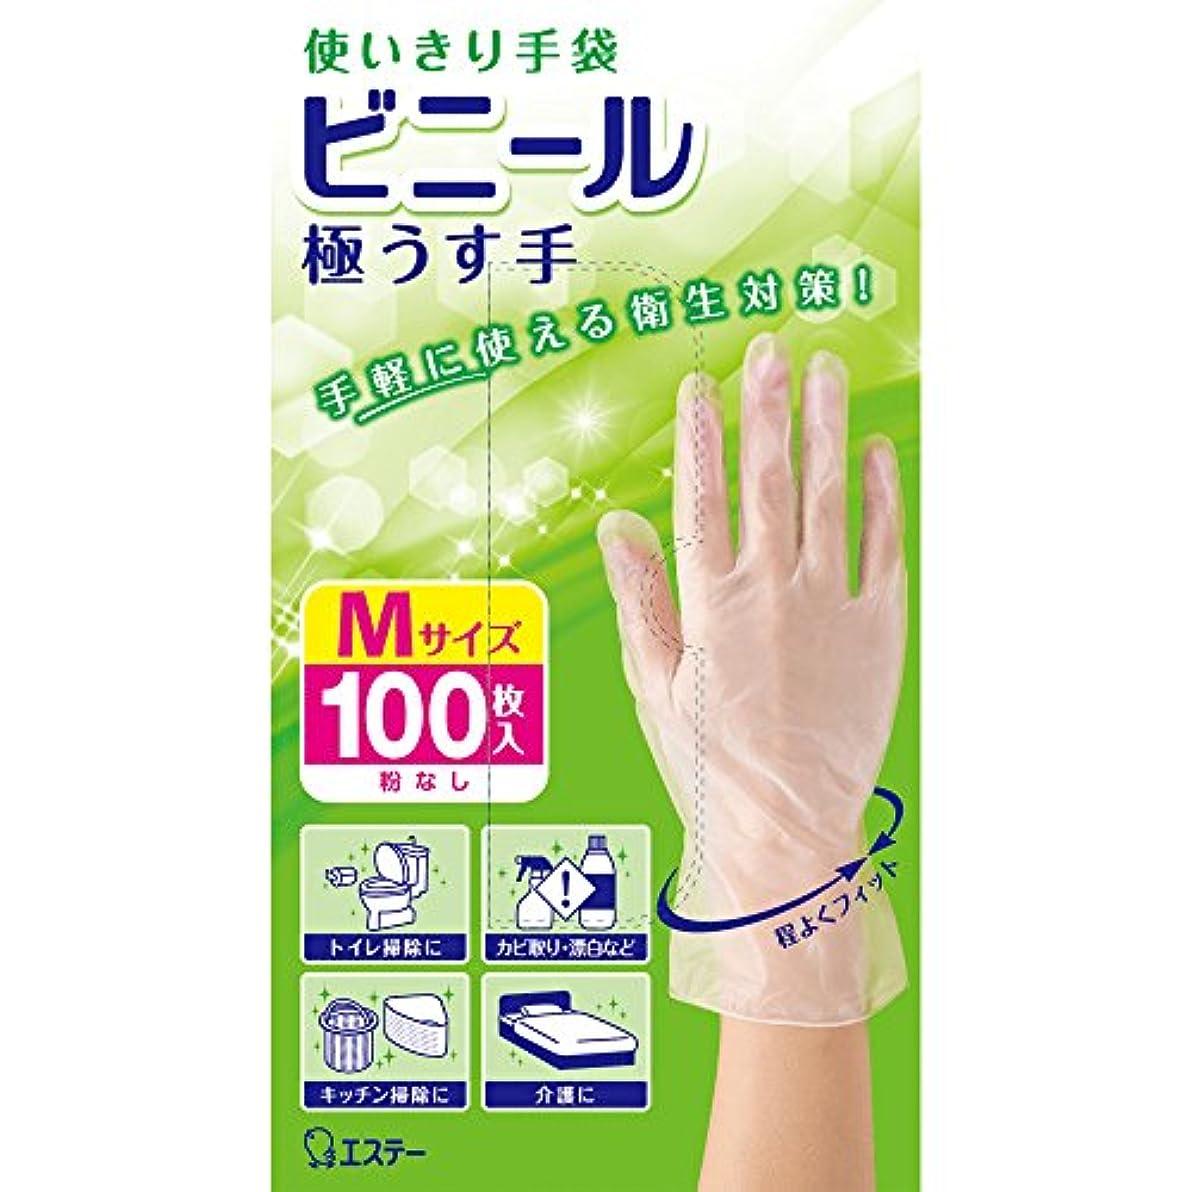 やろうサーフィンカウントアップ使いきり手袋 ビニール 極うす手 炊事?掃除用 Mサイズ 半透明 100枚